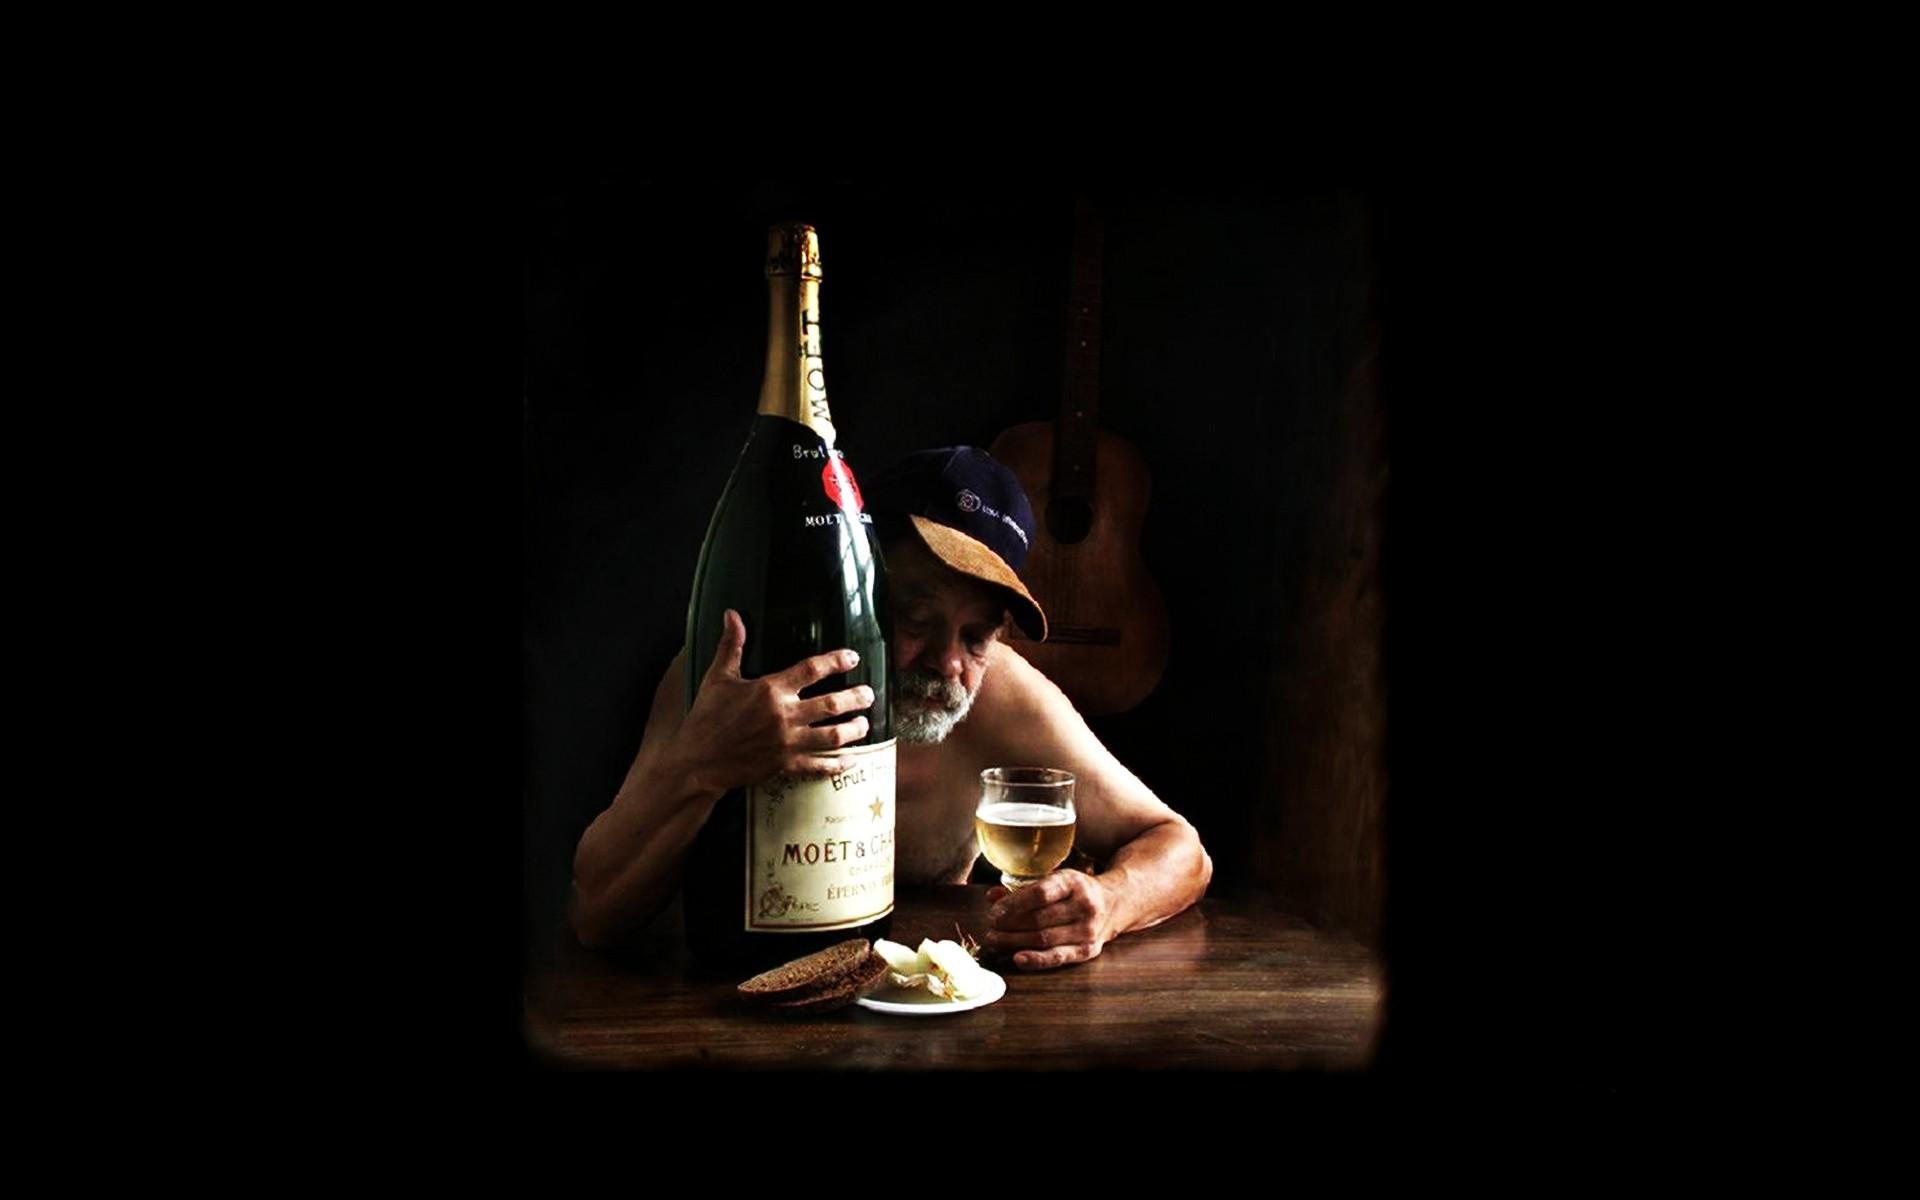 Прикольные картинки мужик с бутылкой, казанской божьей матери